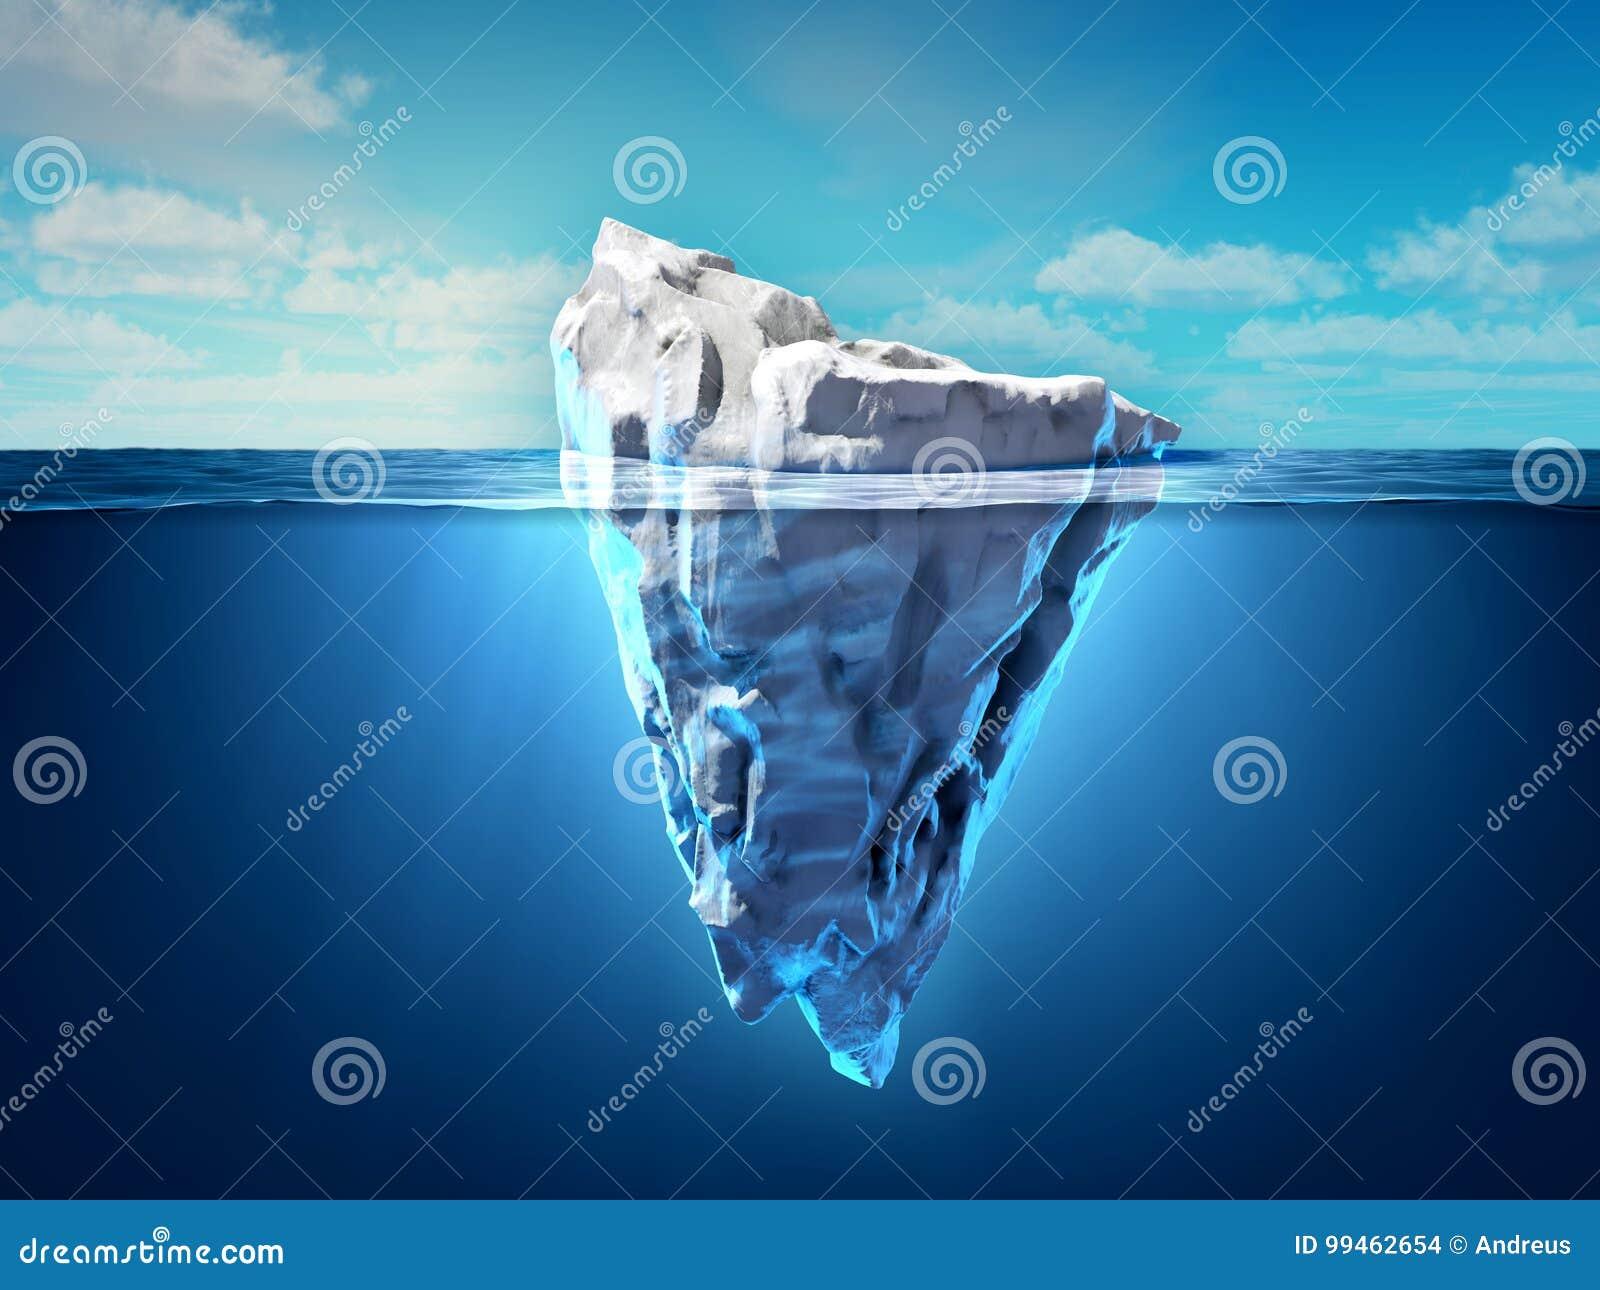 Iceberg floating in the ocean